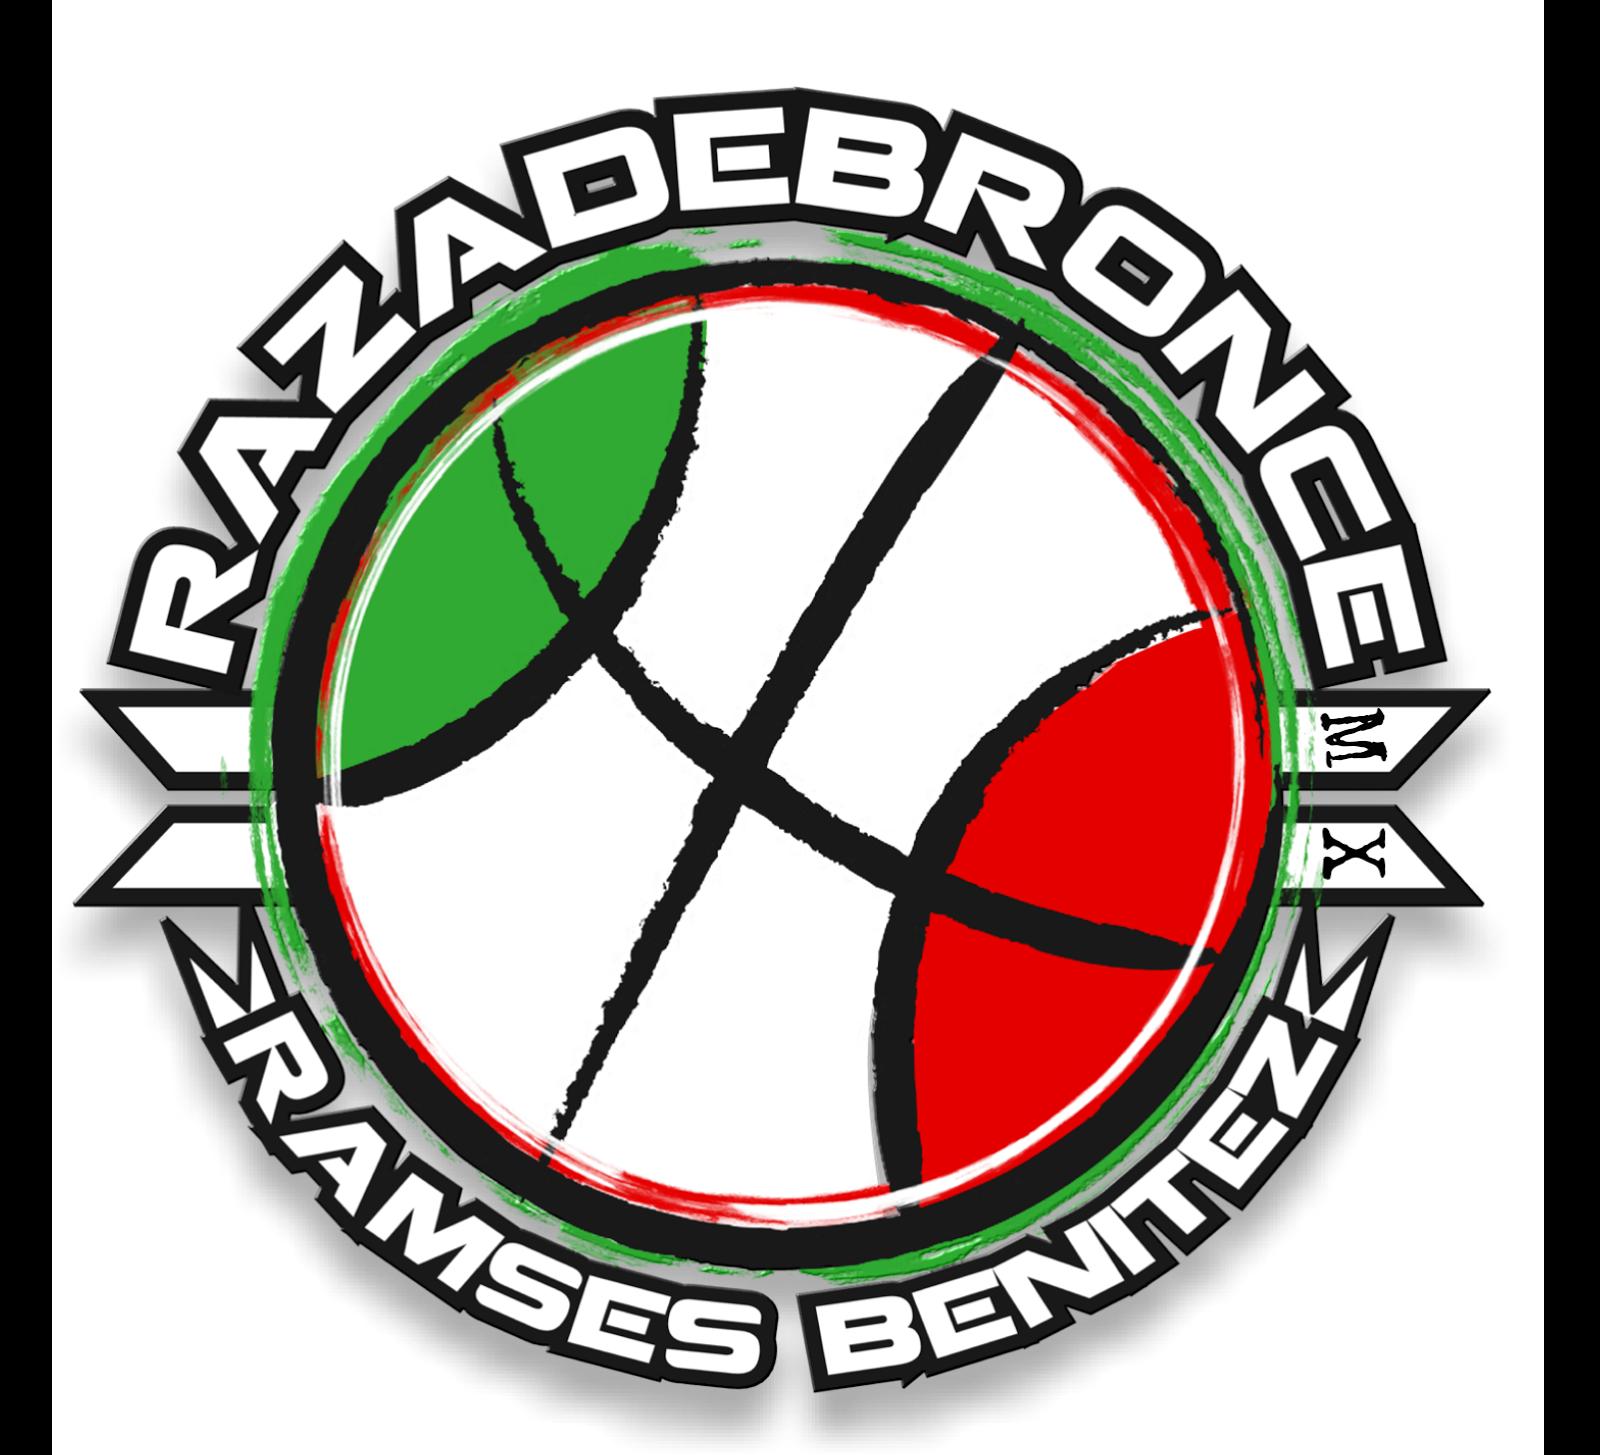 #RazadeBronceMx